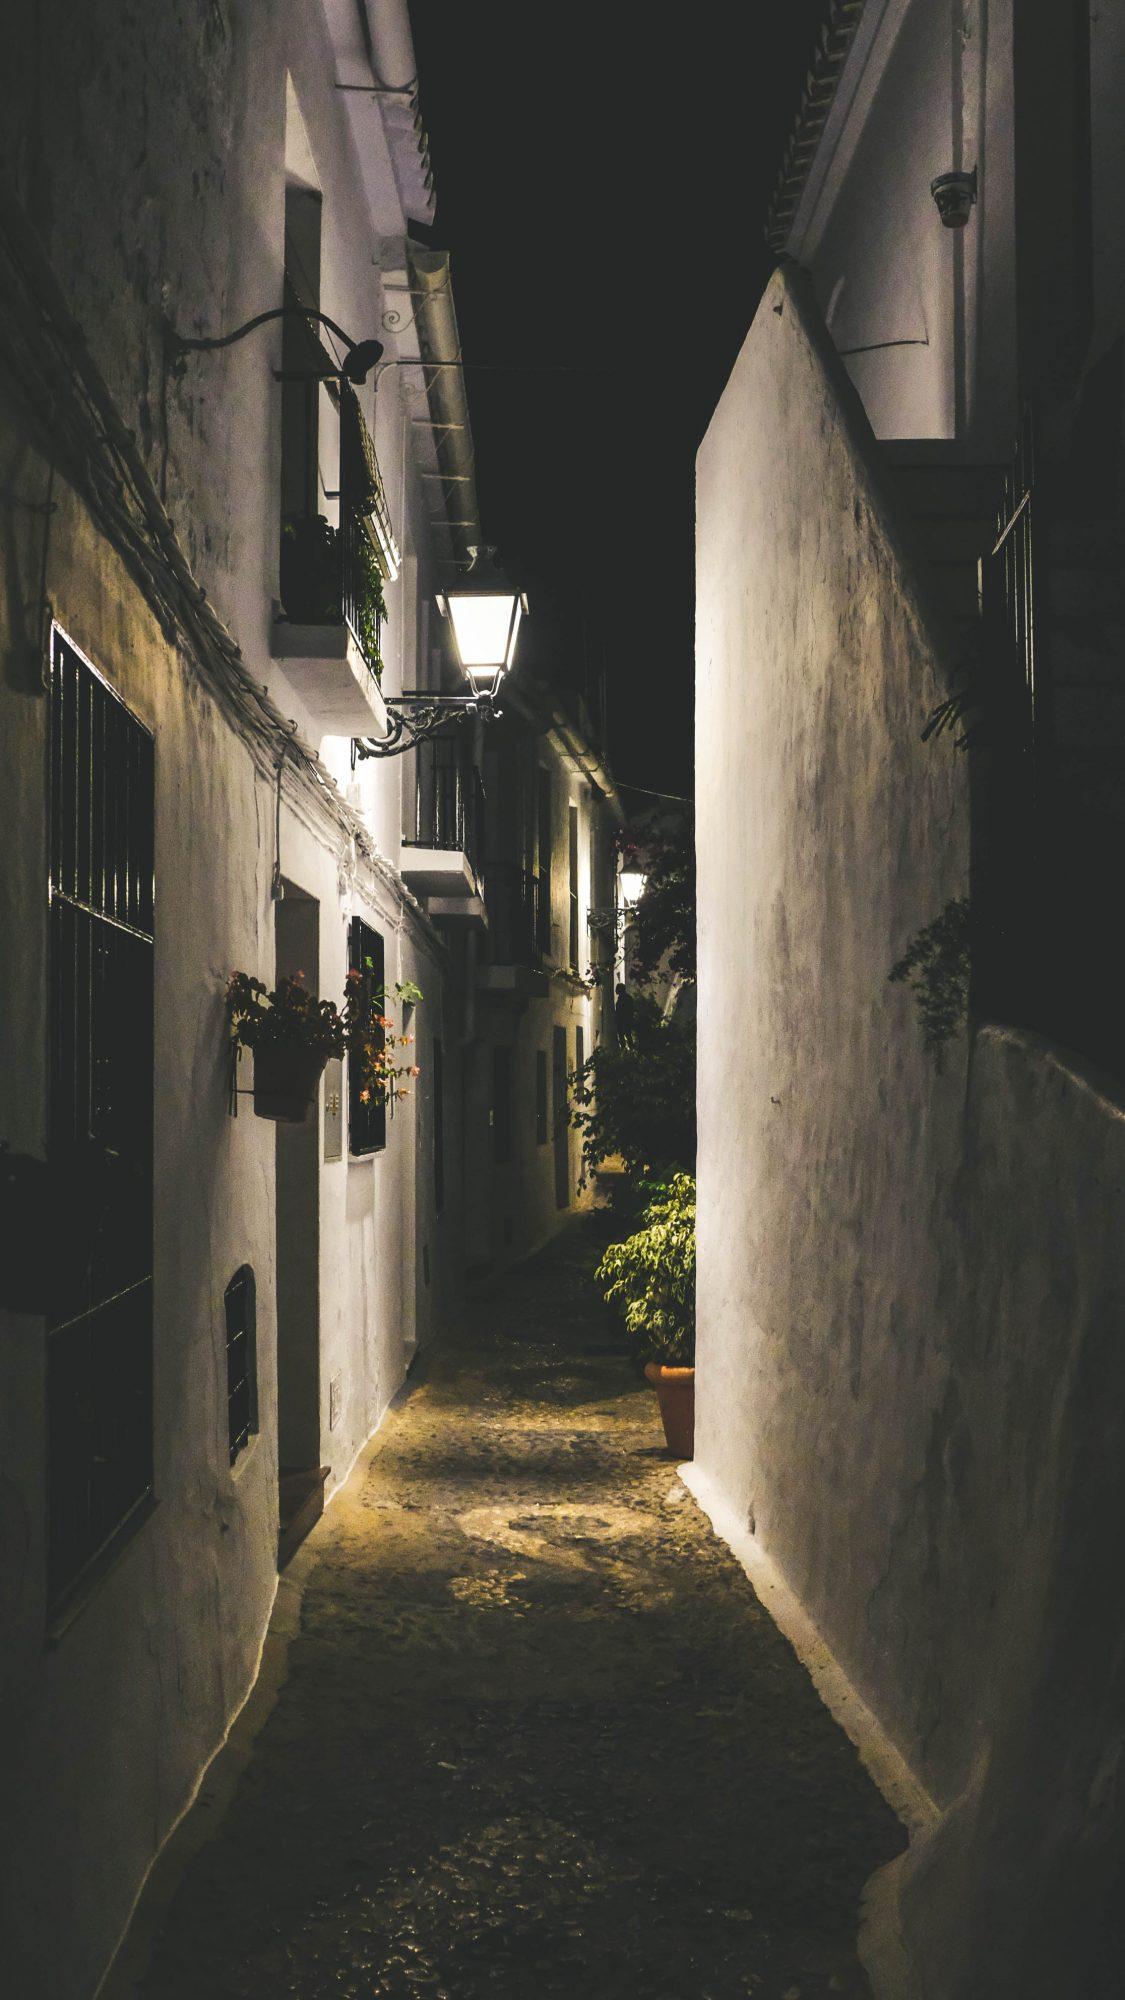 Ruelle sombre - Frigiliana, Espagne